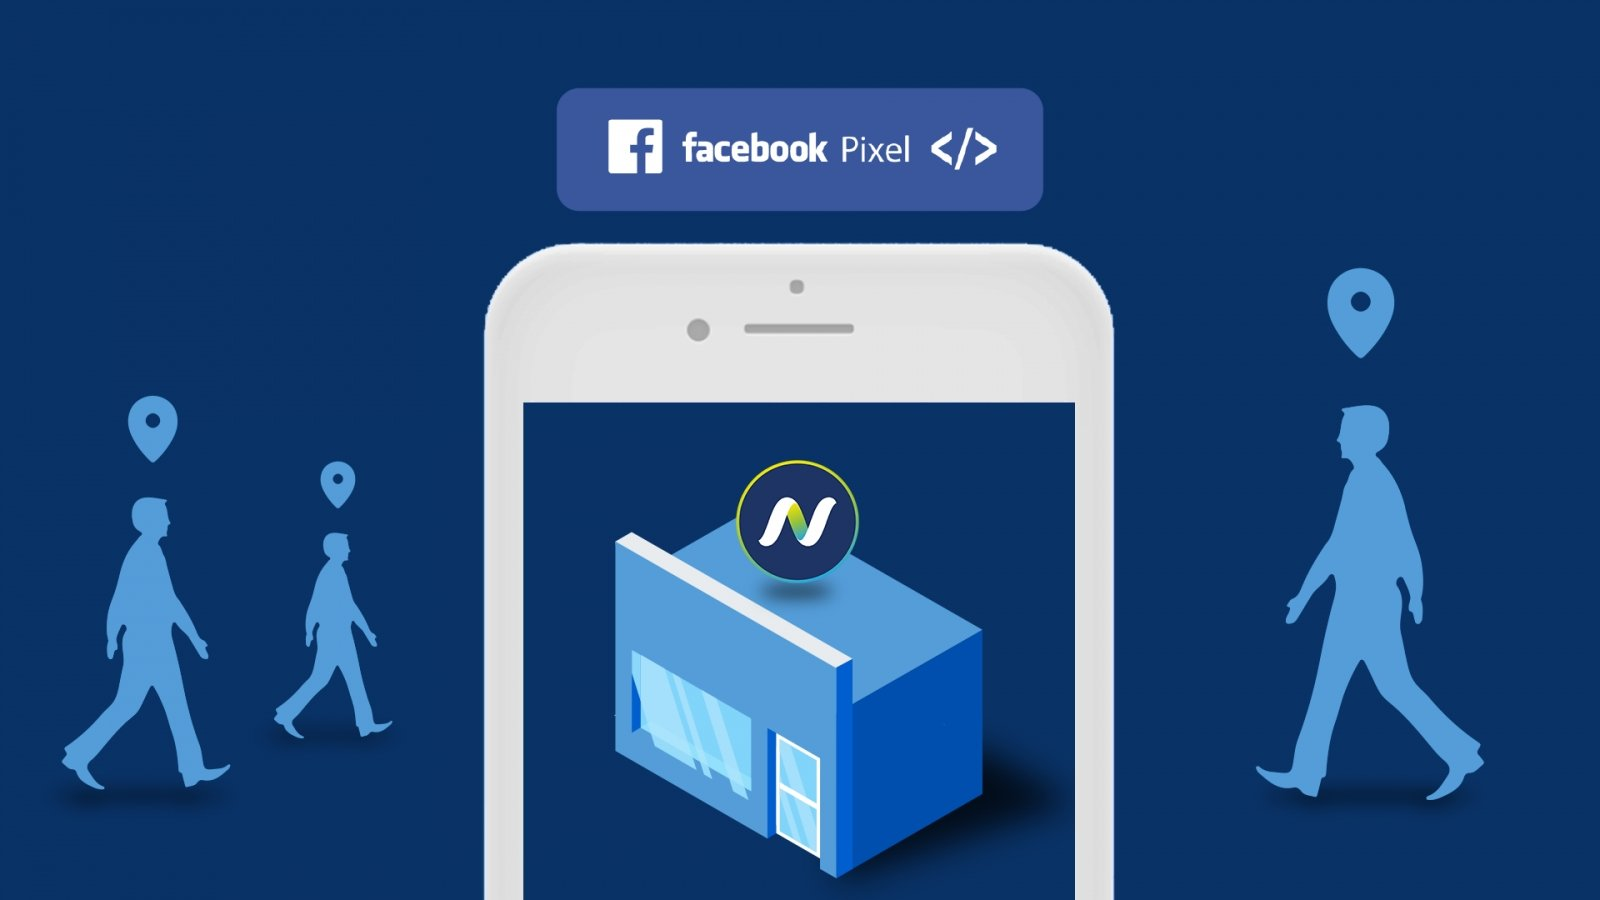 ⚒Пиксель Facebook: что это и как использовать